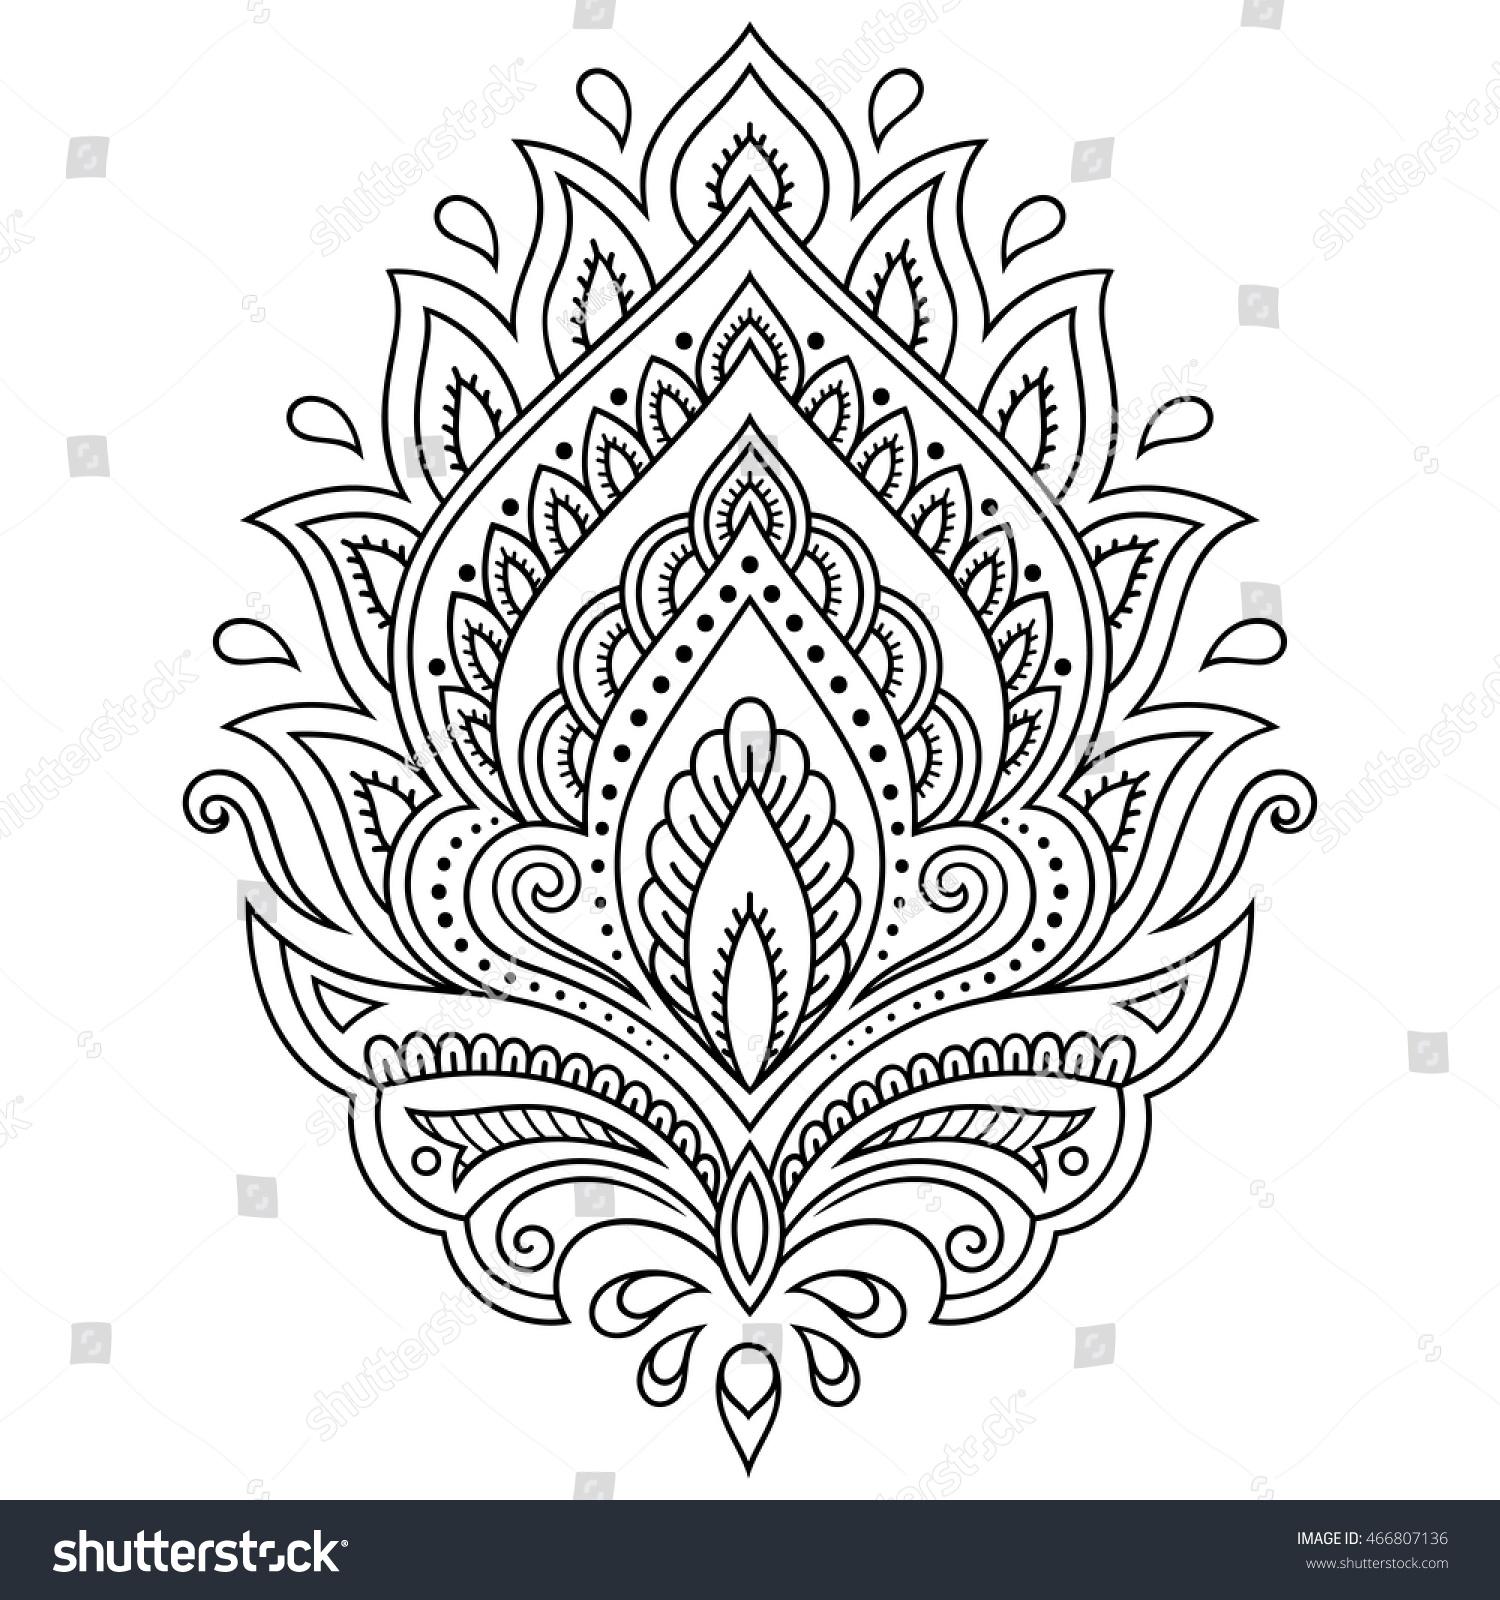 Royalty Free Mehndi Lotus Flower Pattern For Henna 466807136 Stock